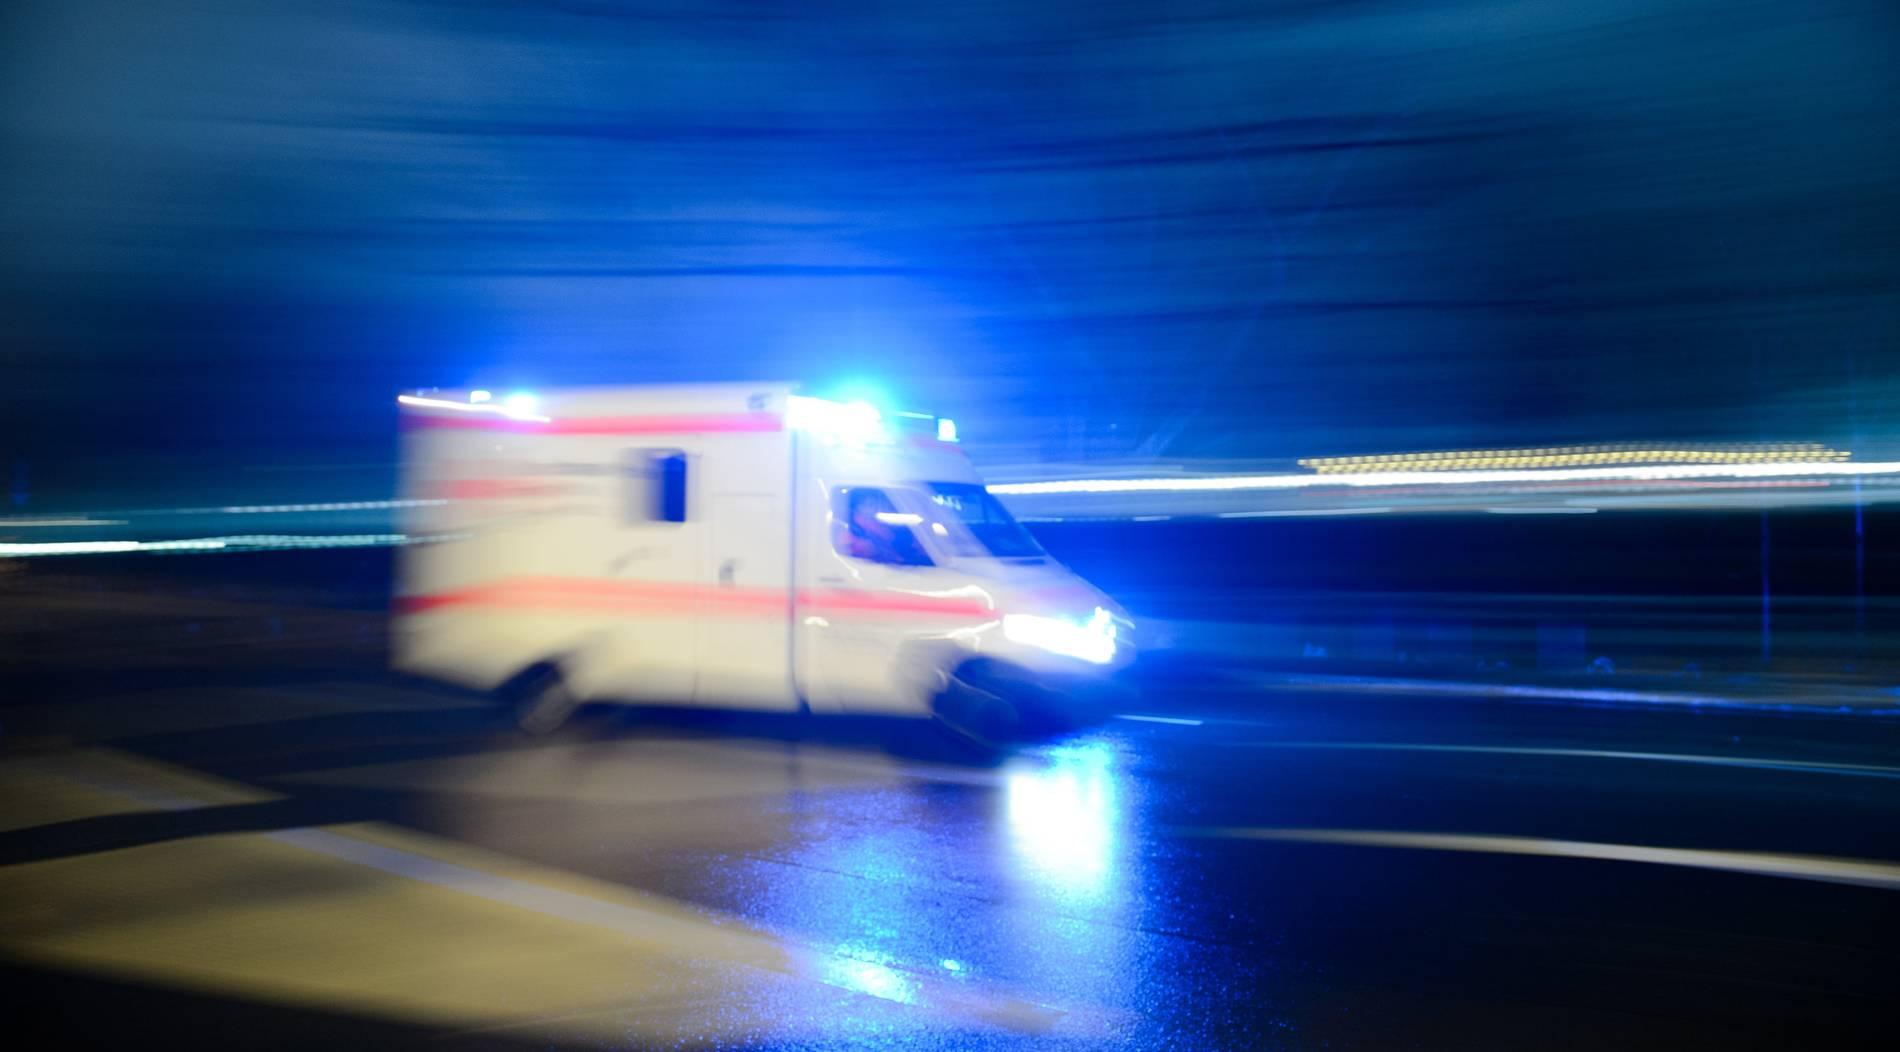 Auto überschlagt sich - sechs Menschen schwer verletzt